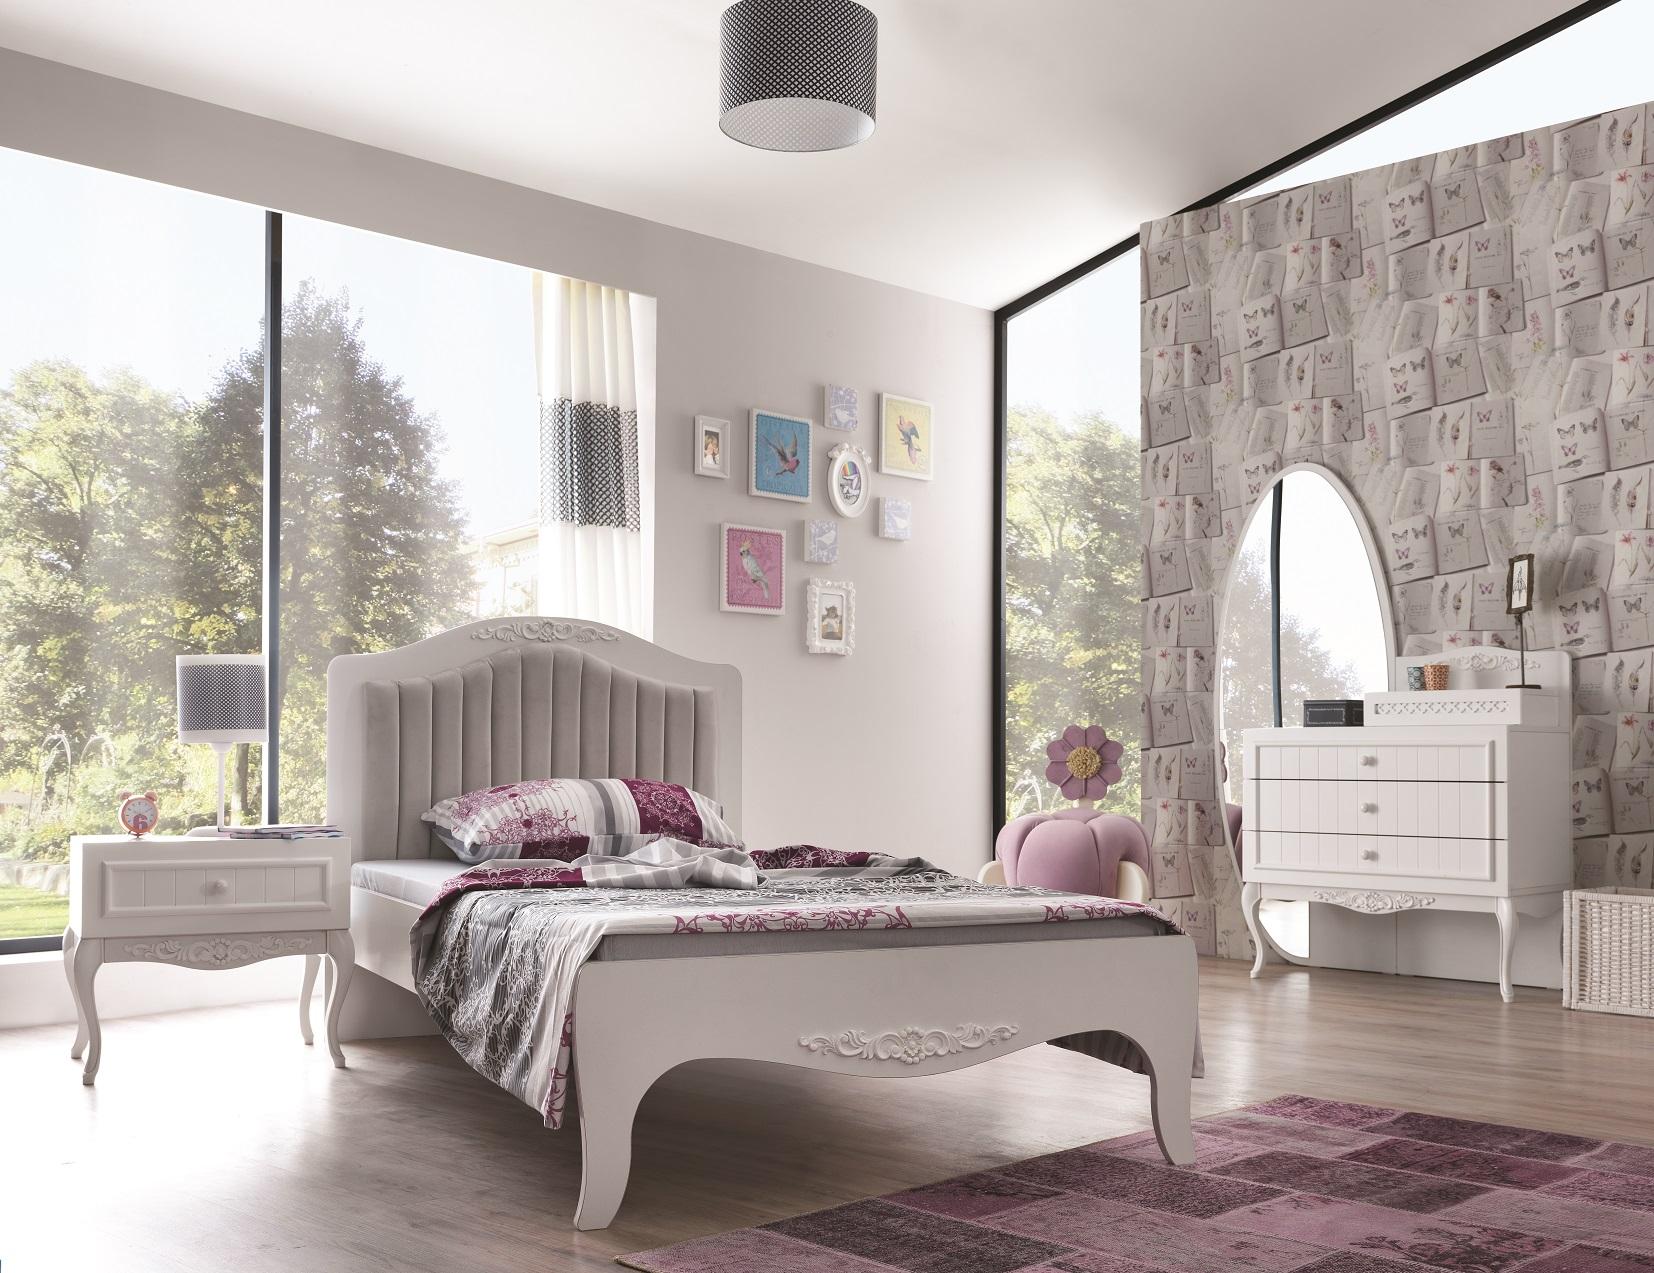 Full Size of Kinderbett Mdchenbett In Wei Wohnzimmer Mädchenbetten